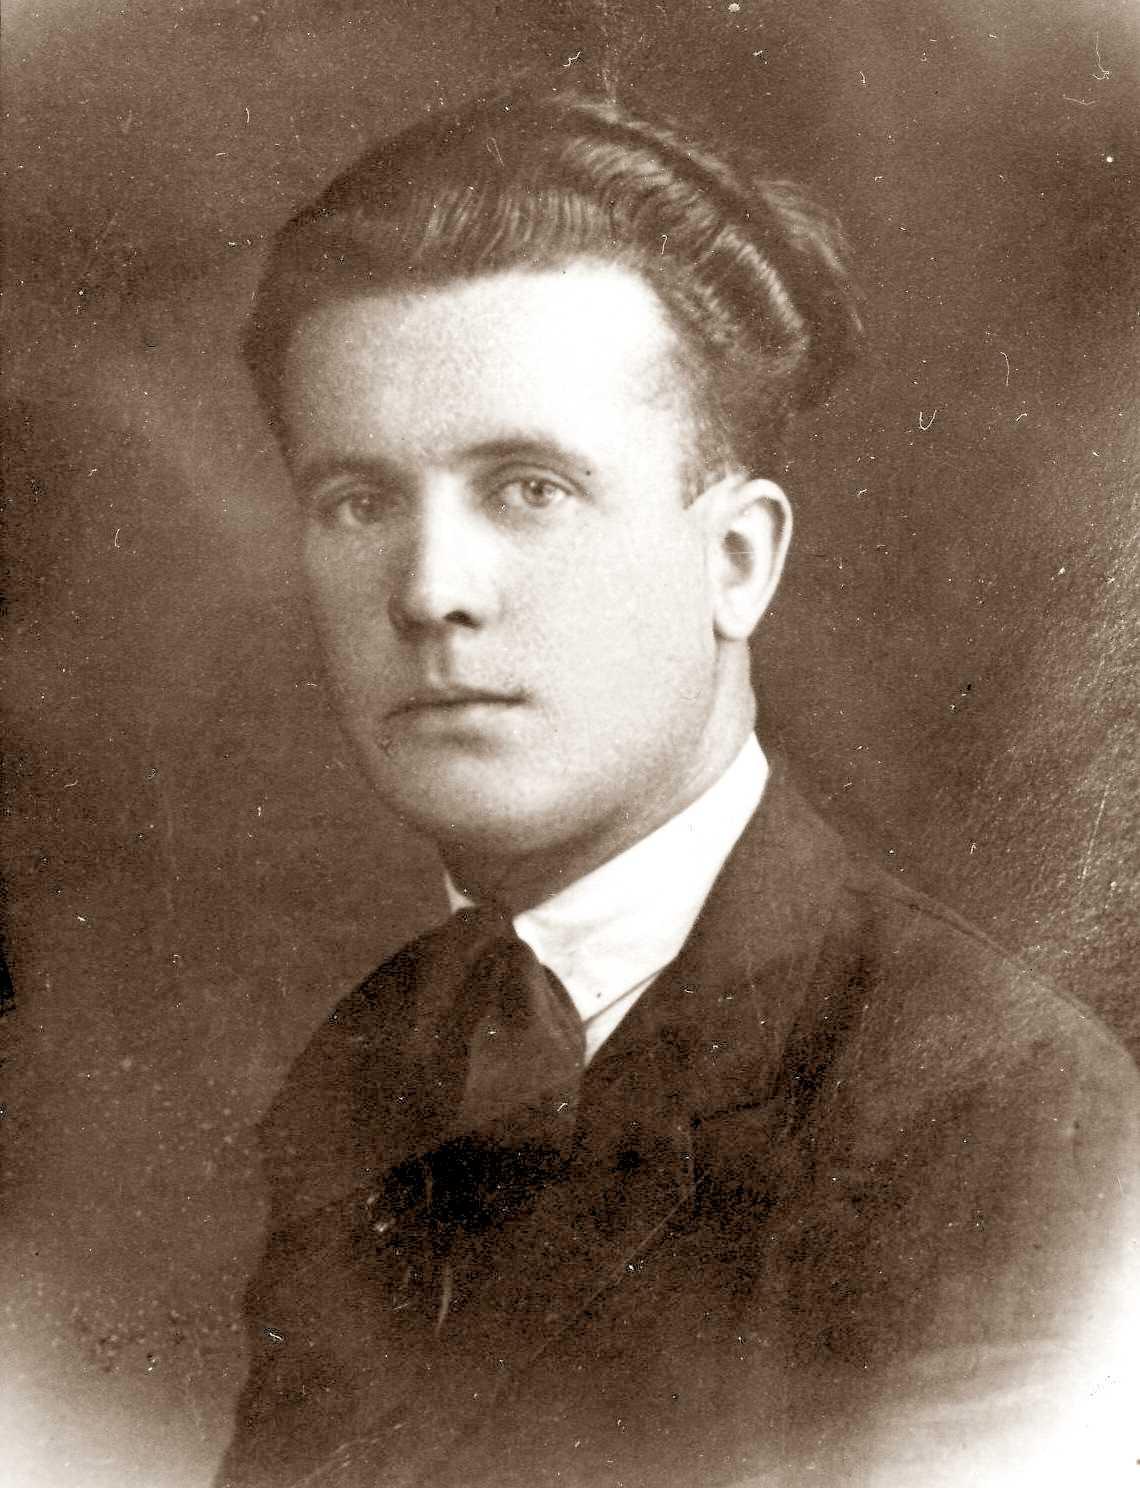 Giuseppe Santandrea